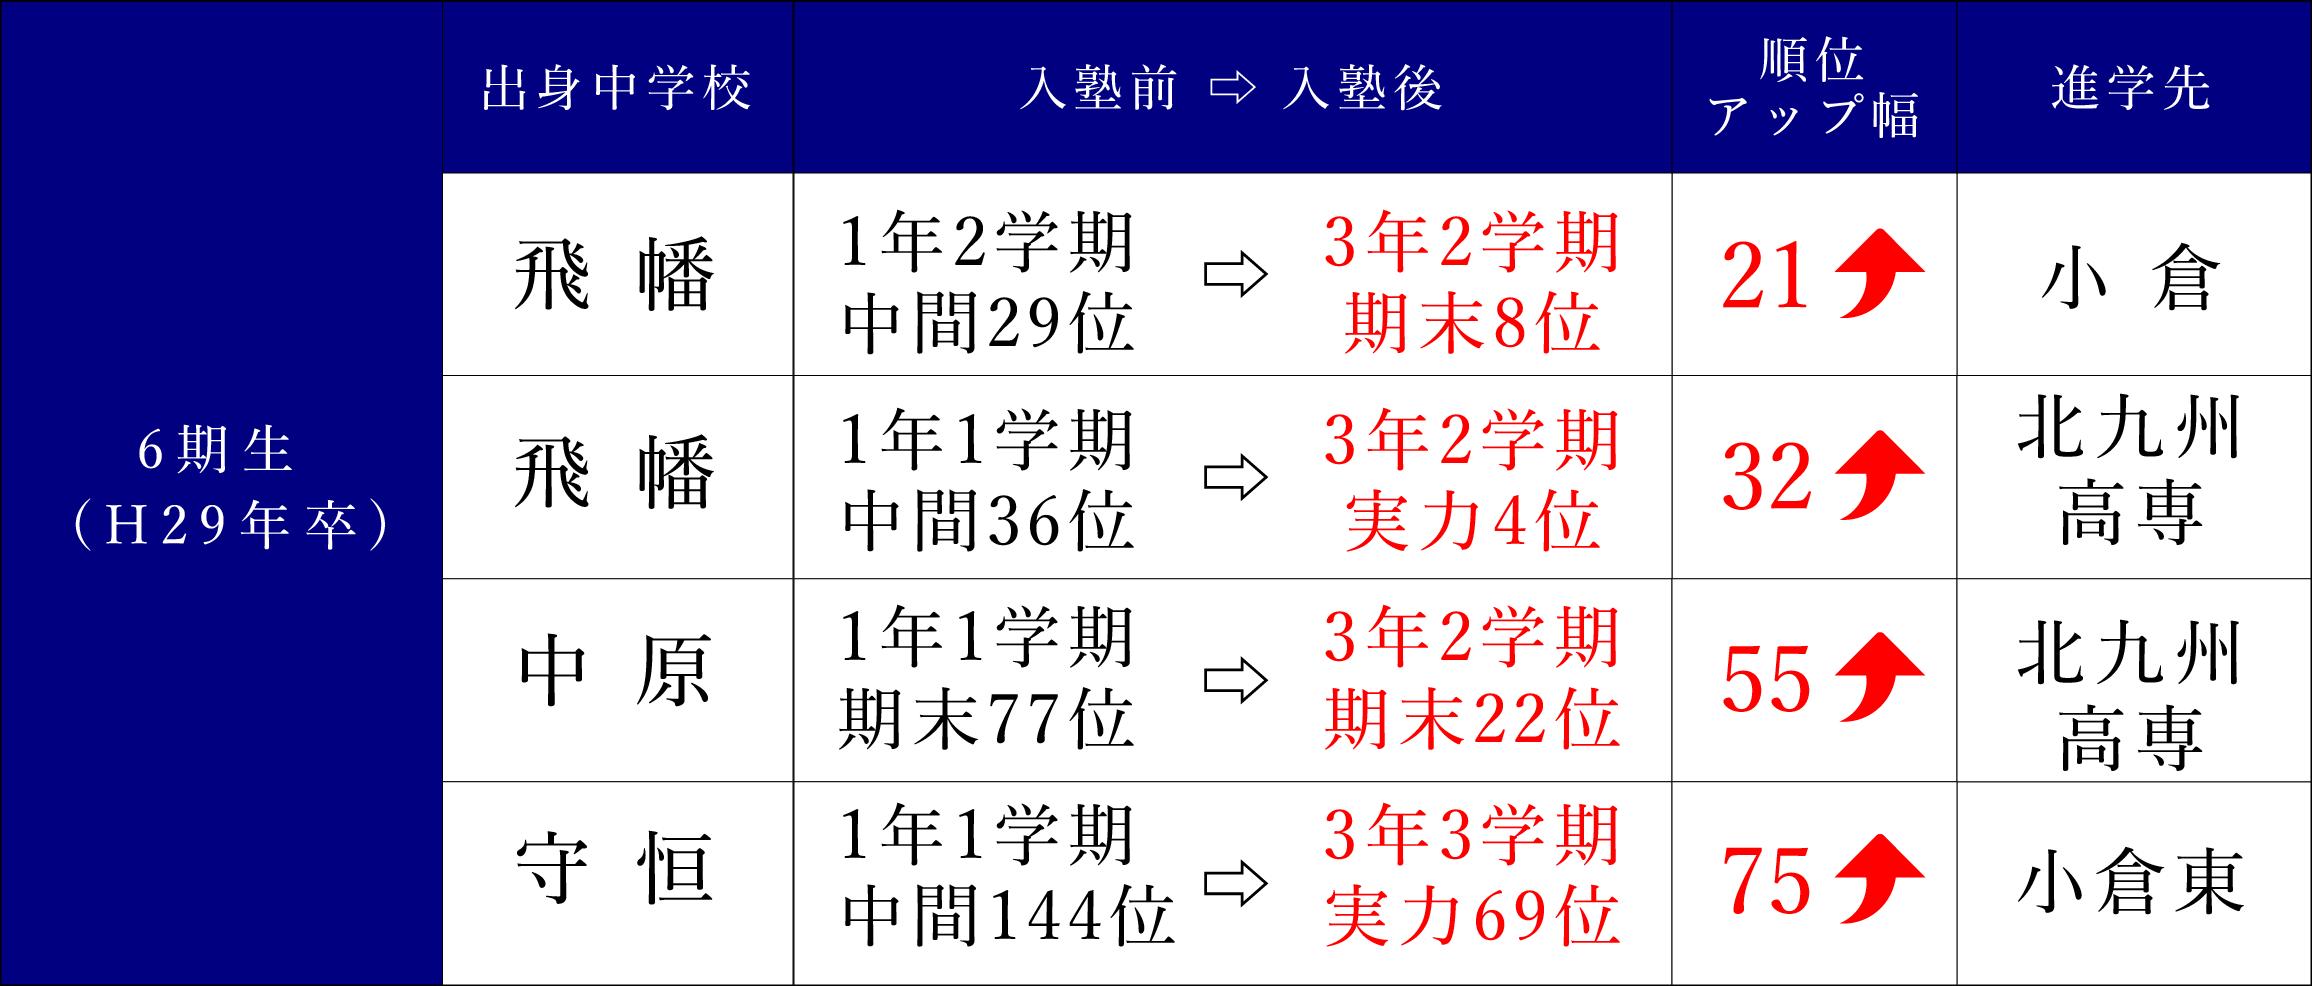 6期生(H29年卒)